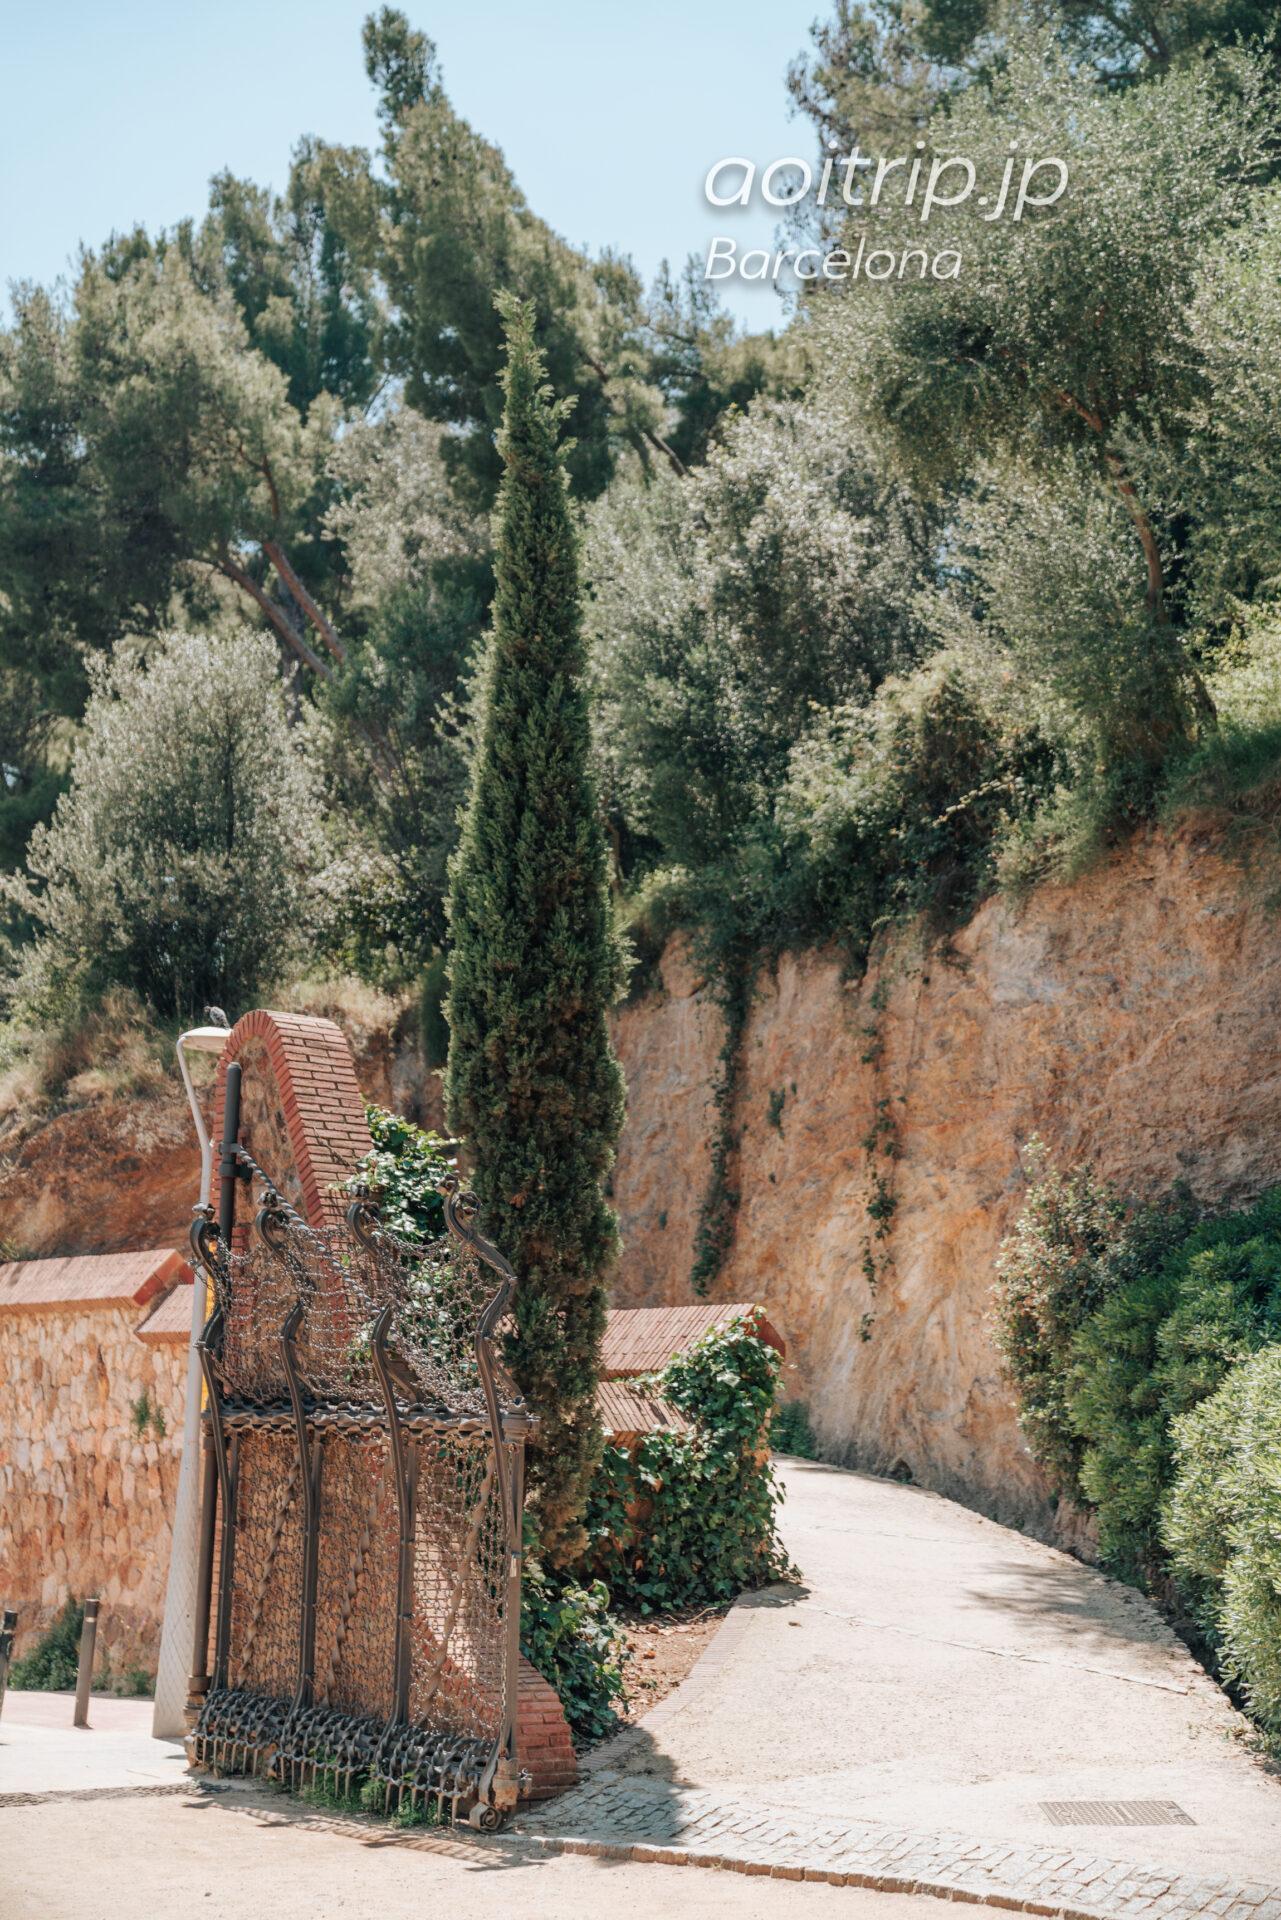 バルセロナ ゴルゴダの丘入り口